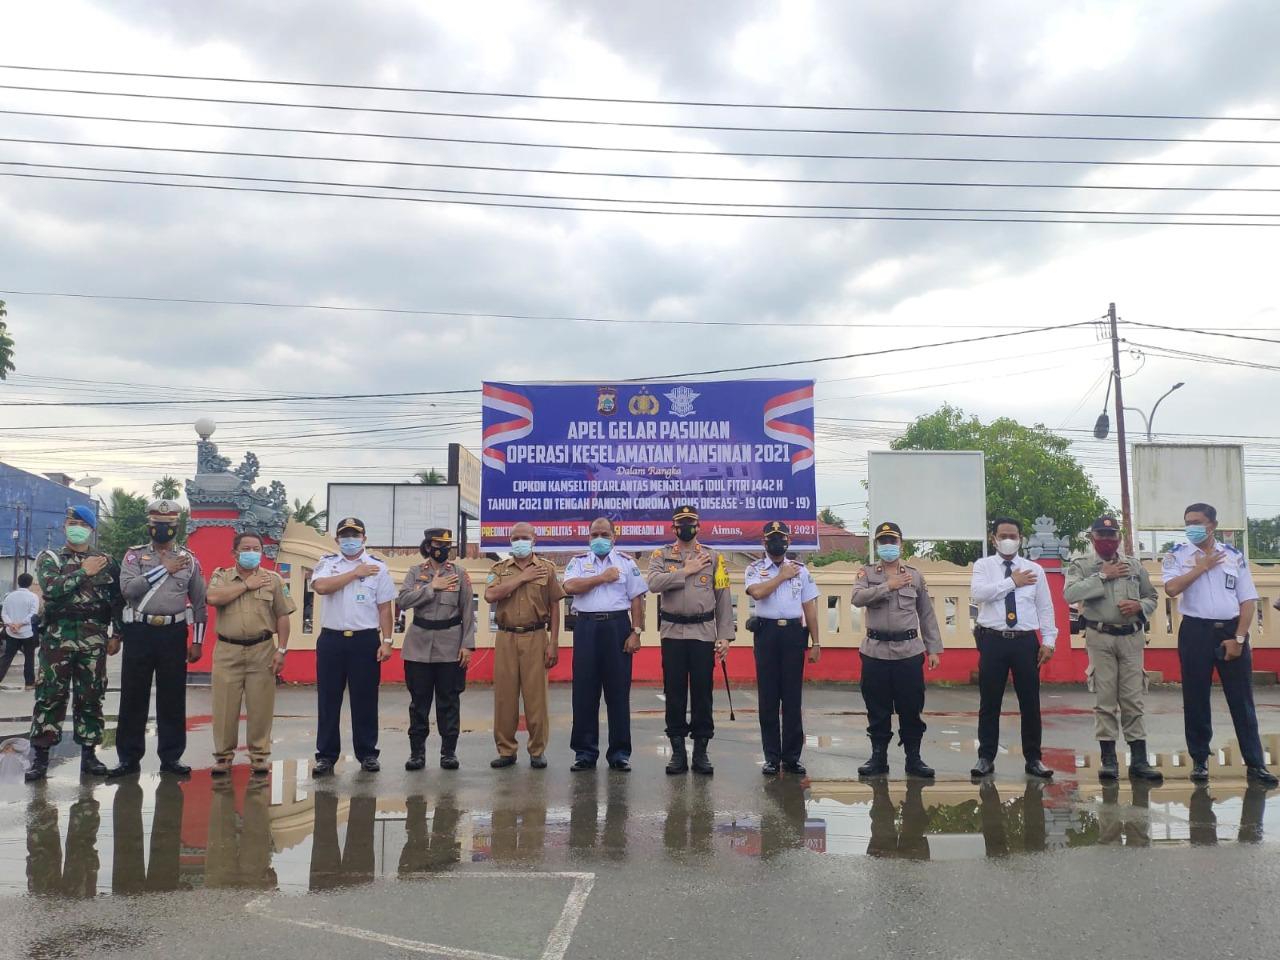 Apel Gelar Dalam Rangka Operasi Keselamatan Mansinam Tahun 2021.